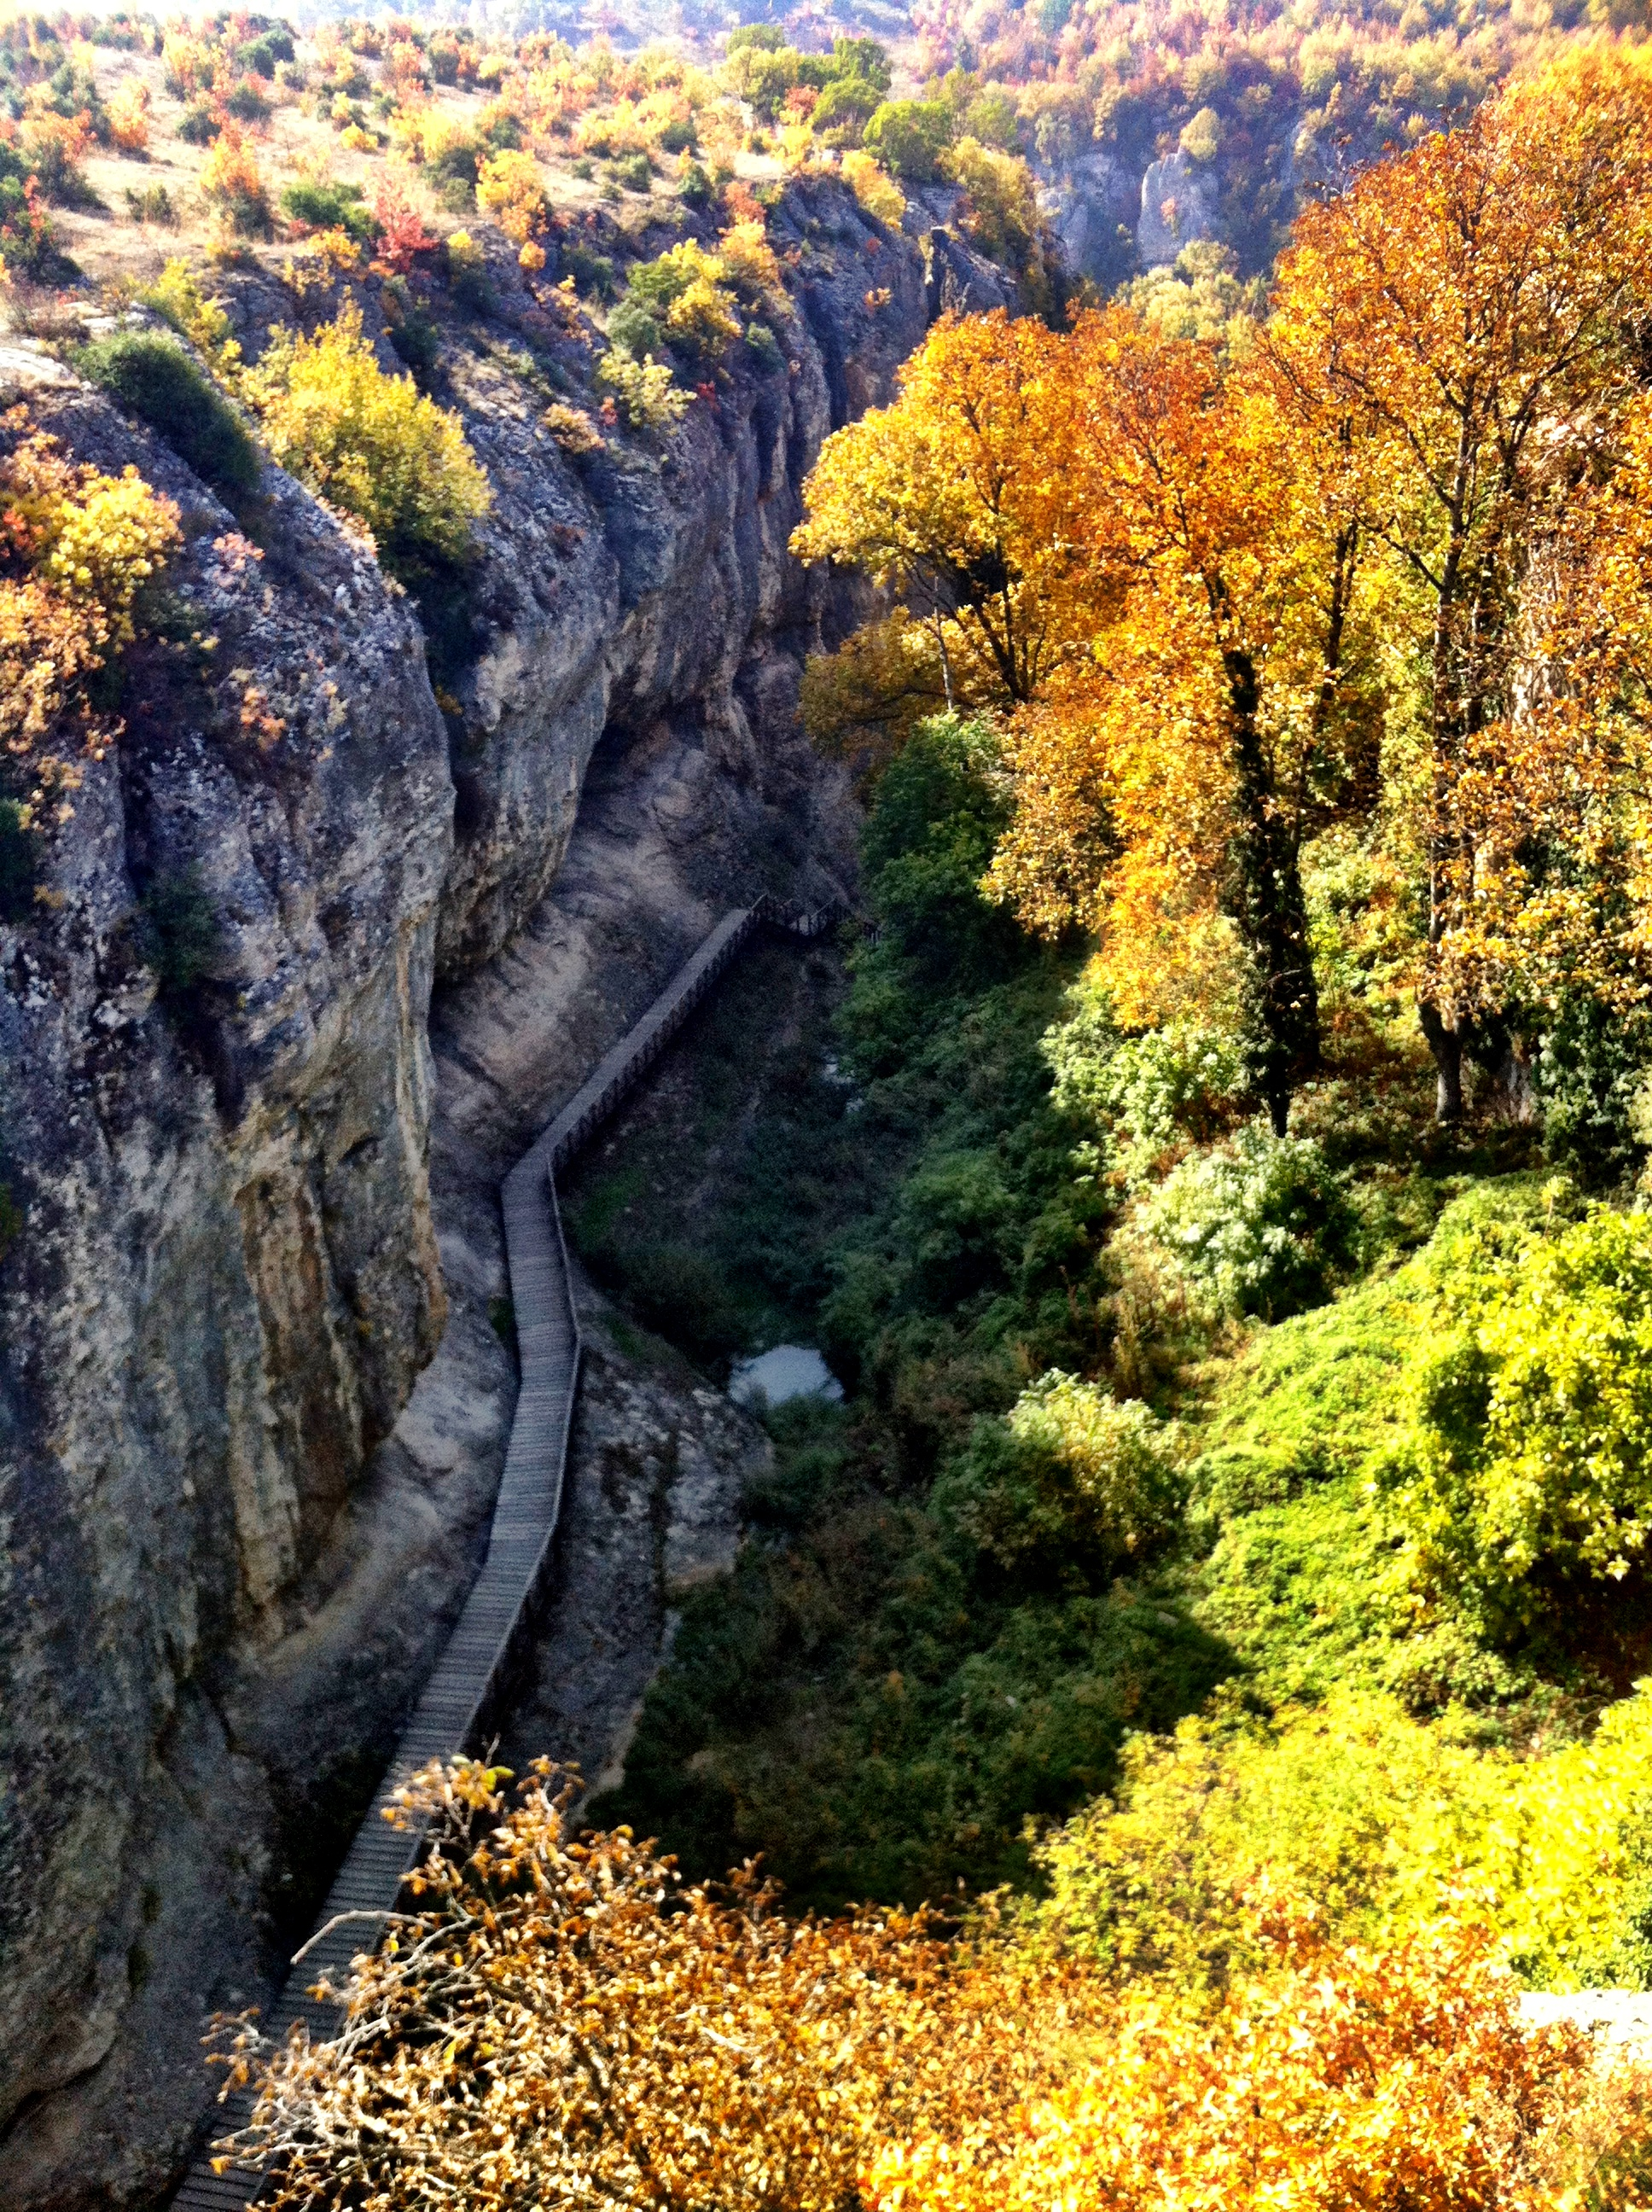 kanyon_2013-10-16 11.16.32.jpg